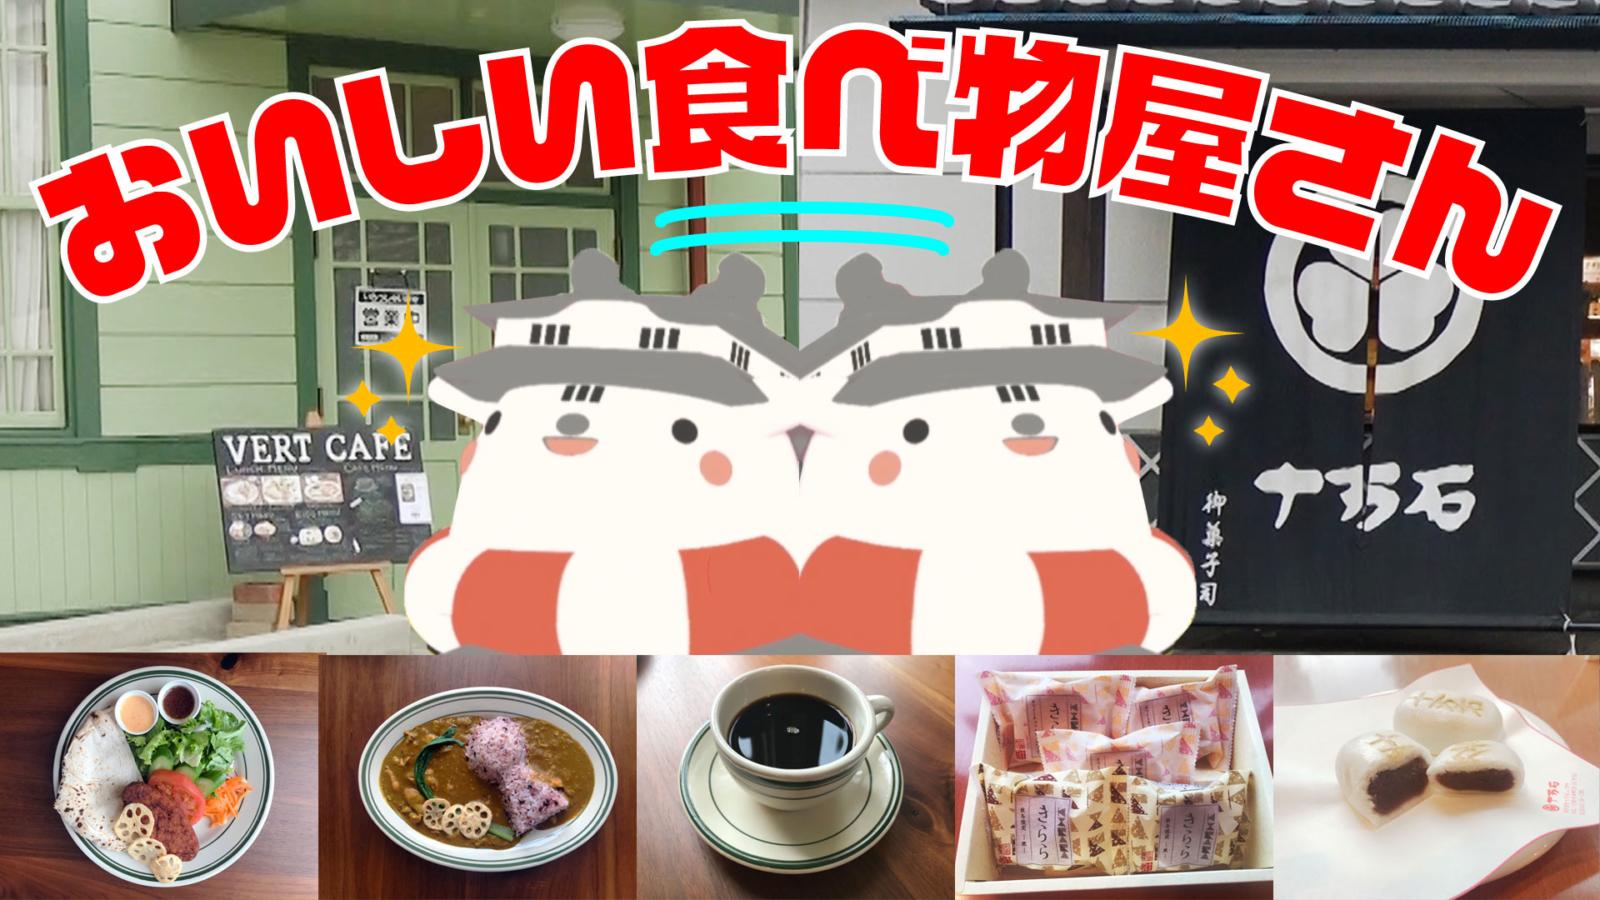 行田市のおいしい食べ物屋さんをご紹介するしろ♪【水上公園編①】